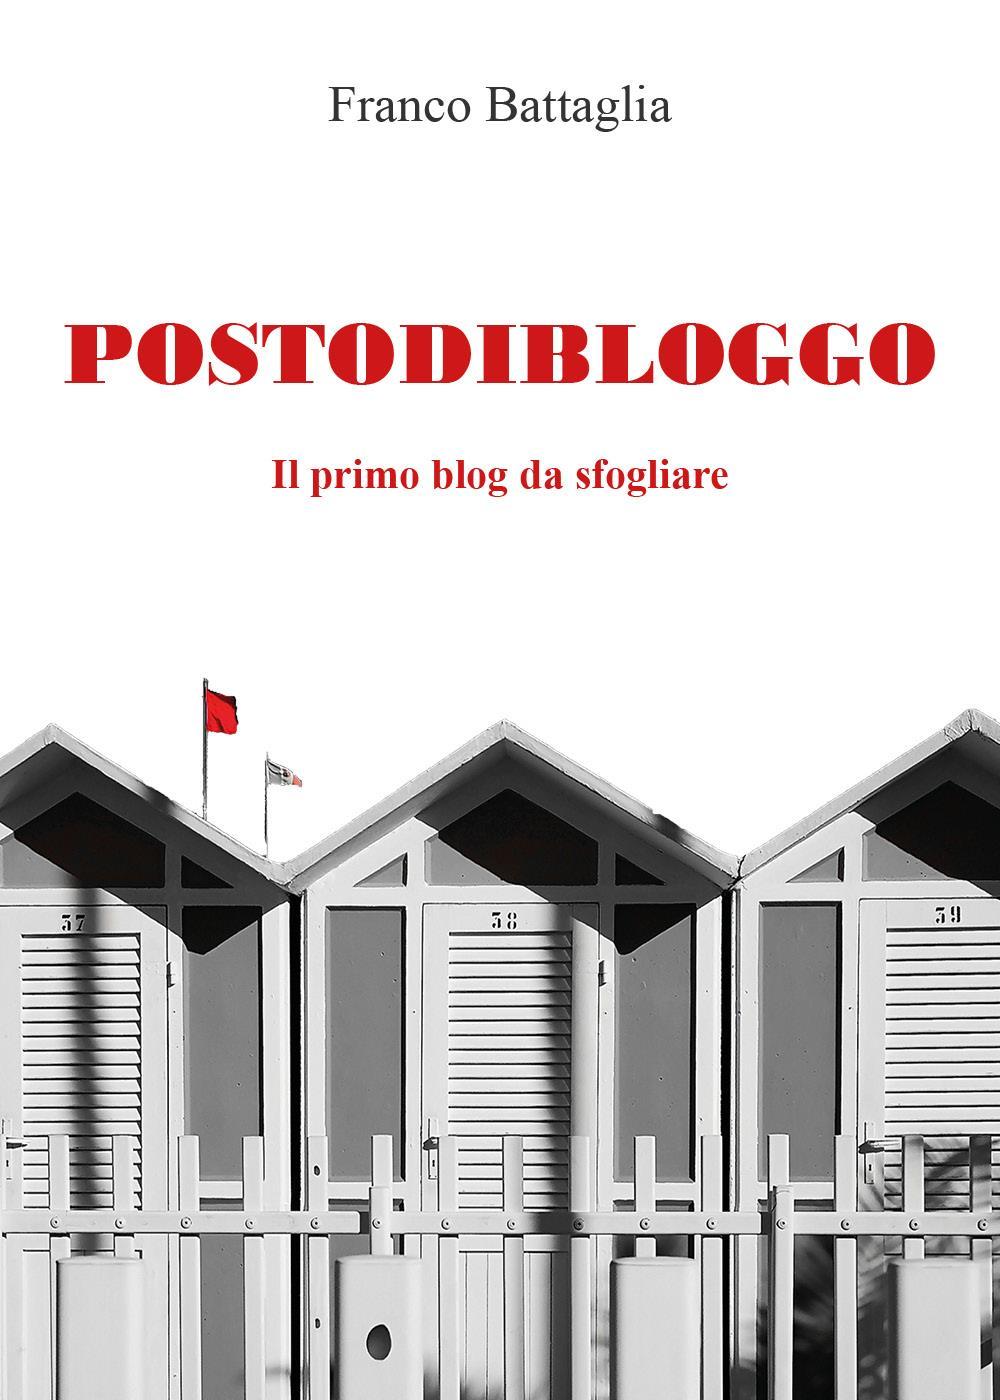 POSTODIBLOGGO. Il primo blog da sfogliare